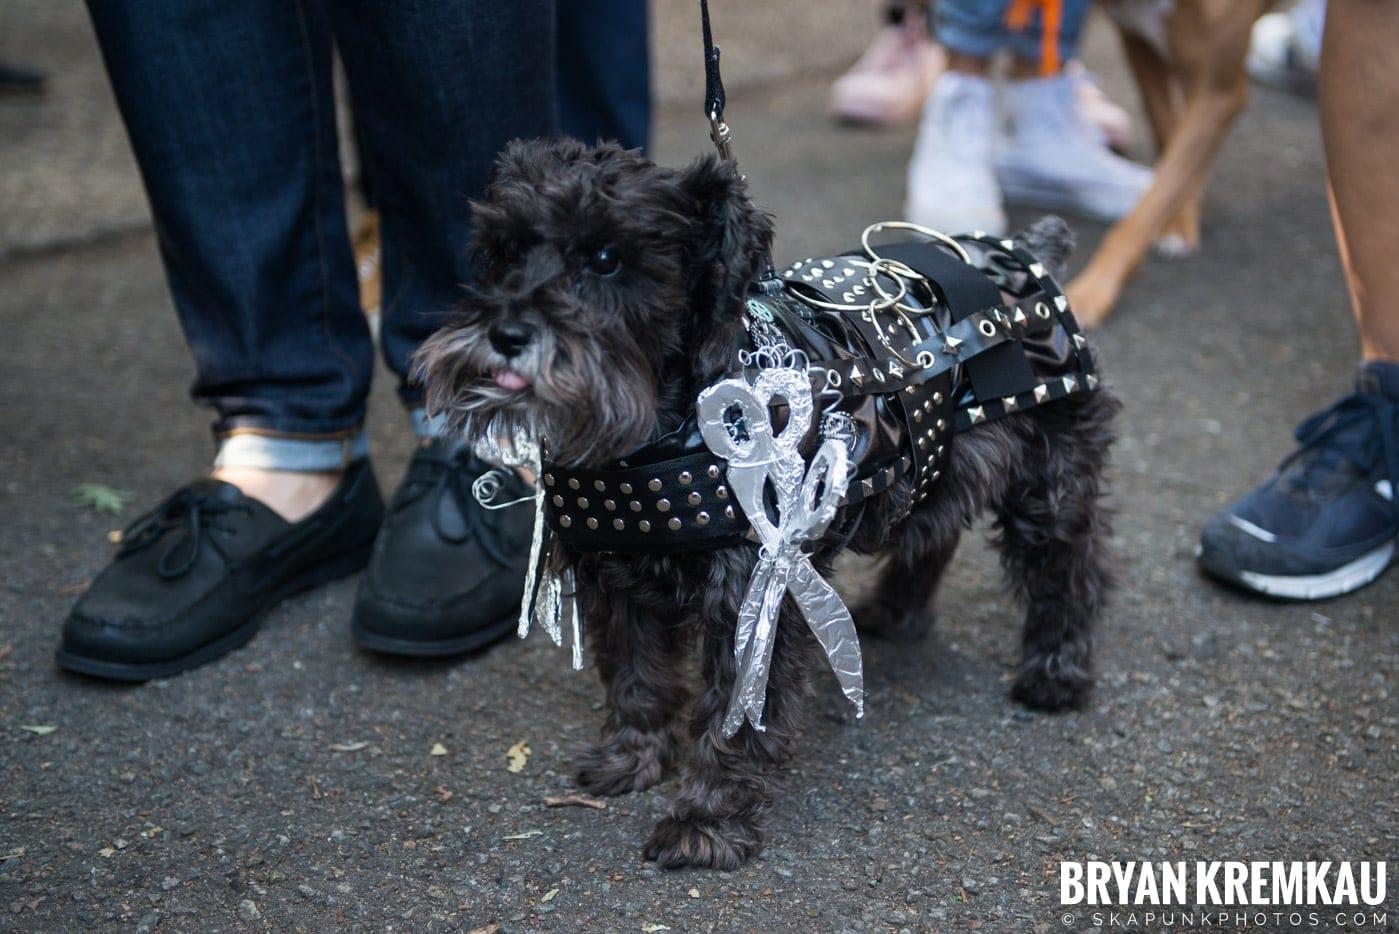 Tompkins Square Park Halloween Dog Parade 2017 @ Tompkins Square Park, NYC - 10.21.17 (7)